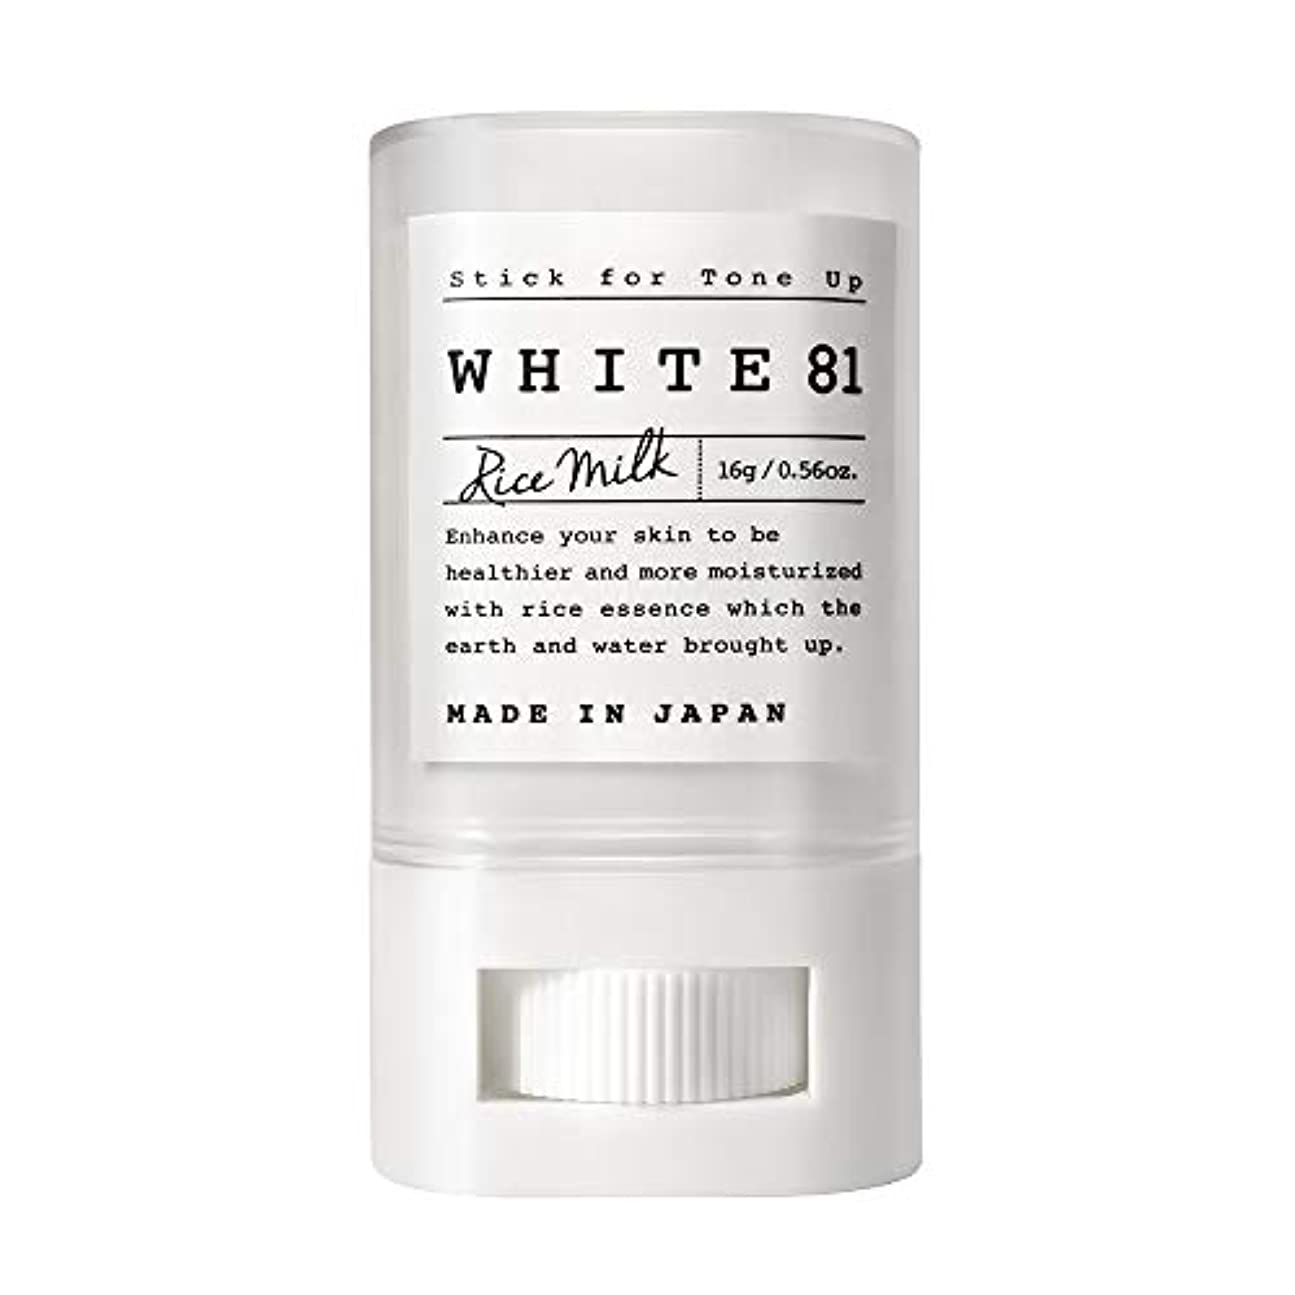 地球パスかき混ぜるWHITE81 ホワイト81 トーンアップスティック(化粧下地?日焼け止め / SPF35?PA+++?ウォータープルーフ?複合保湿成分配合?肌に優しい6種のフリー / 日本製)